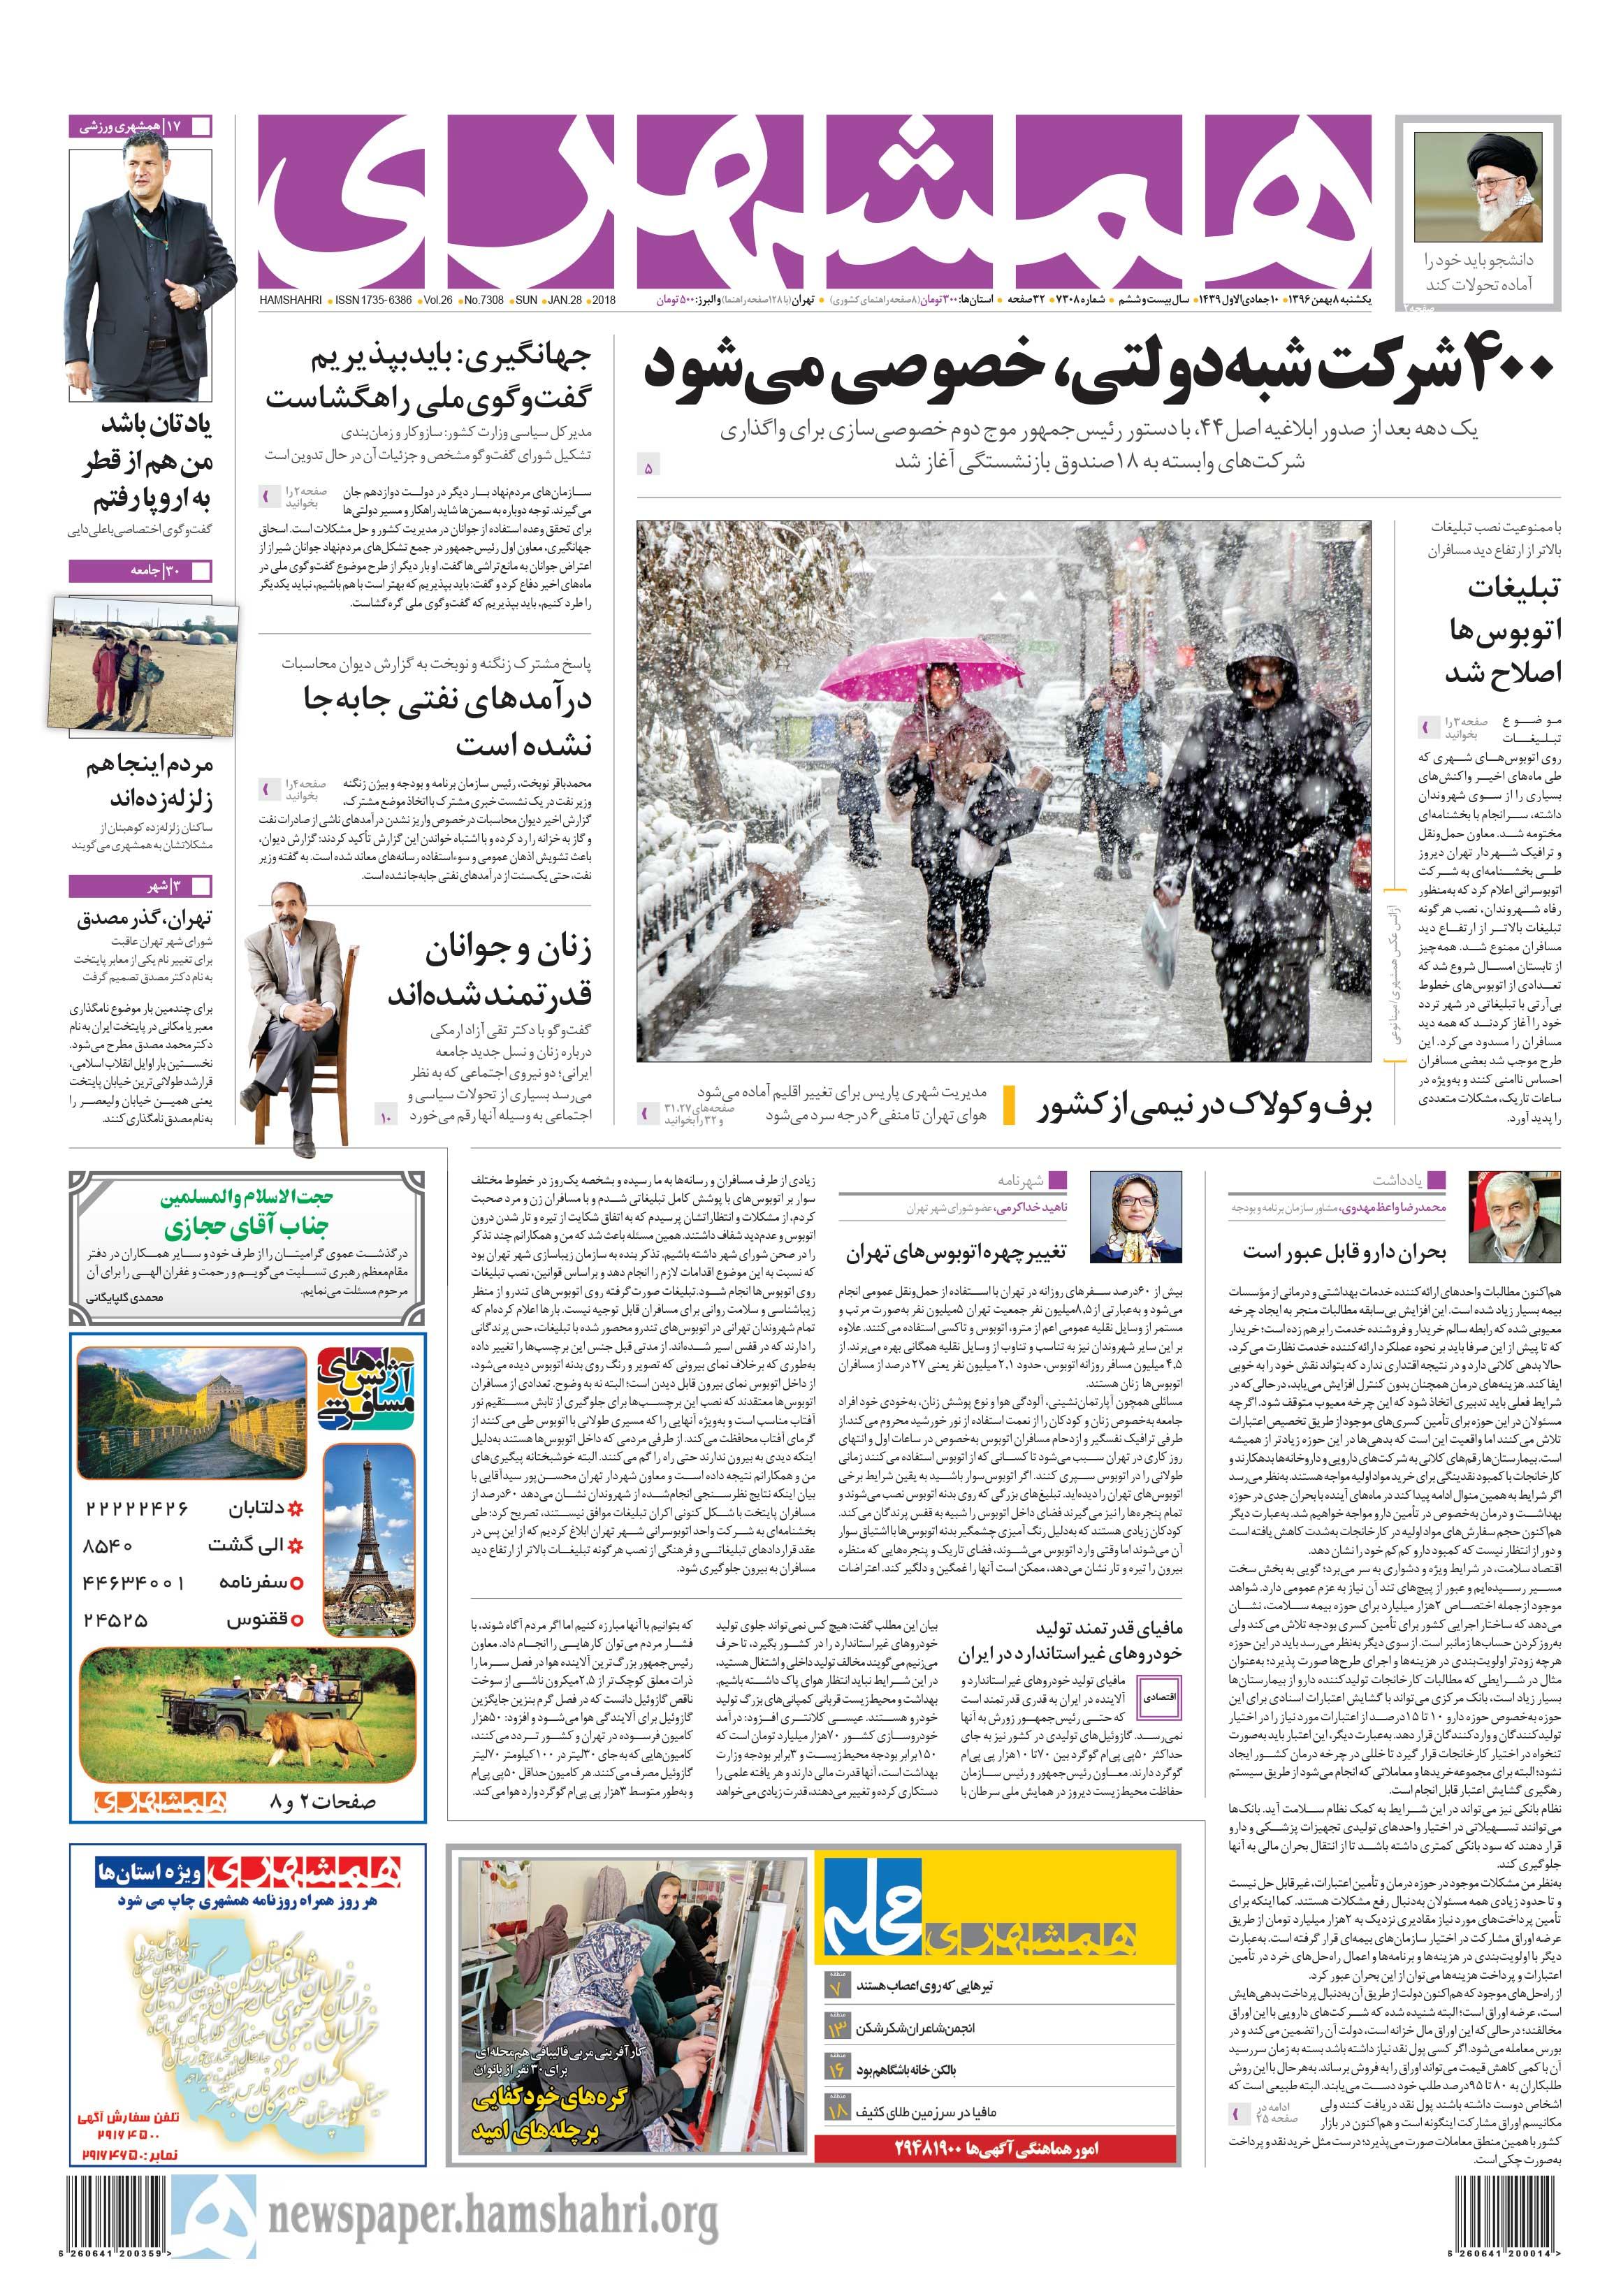 صفحه اول یکشنبه 8 بهمنماه 1396